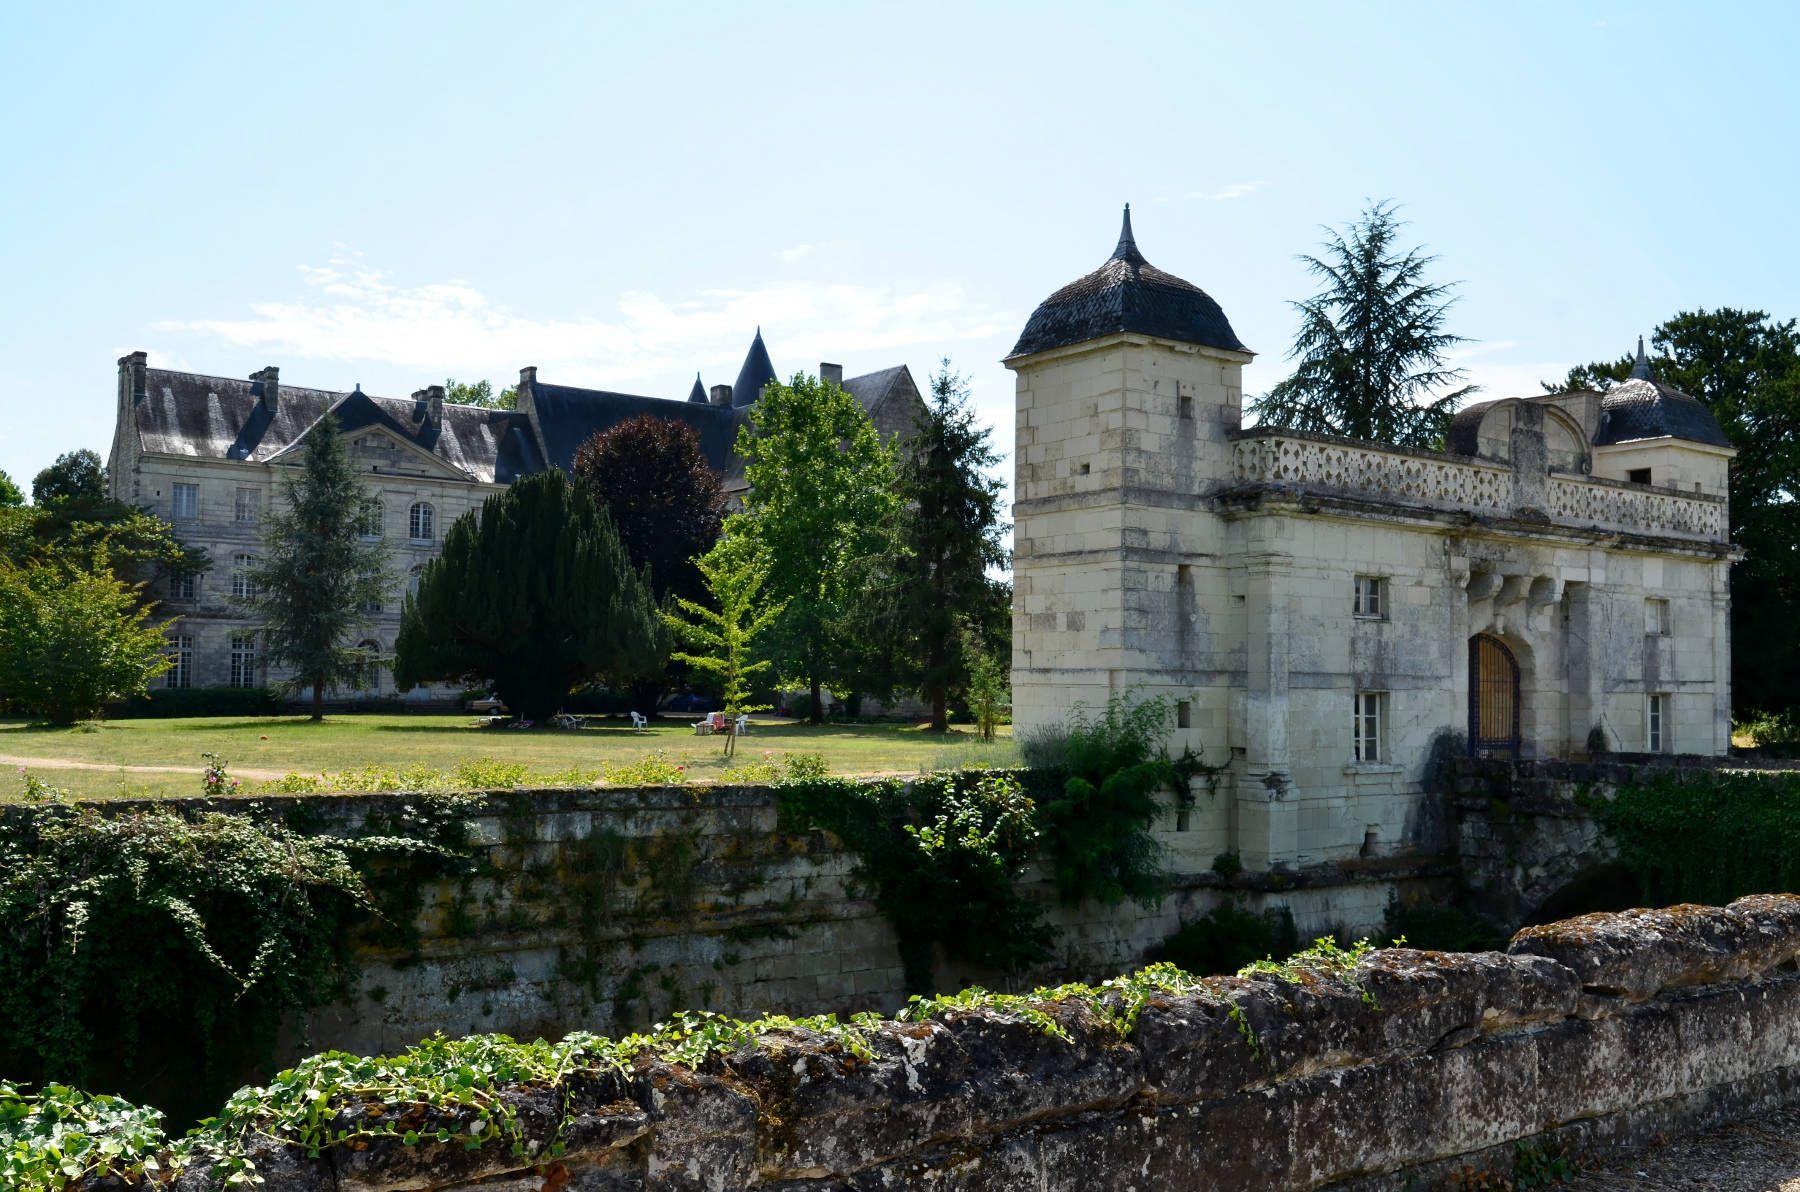 La Maison Du Bois Clairvaux château de scorbé-clairvaux   chateau france, le manoir